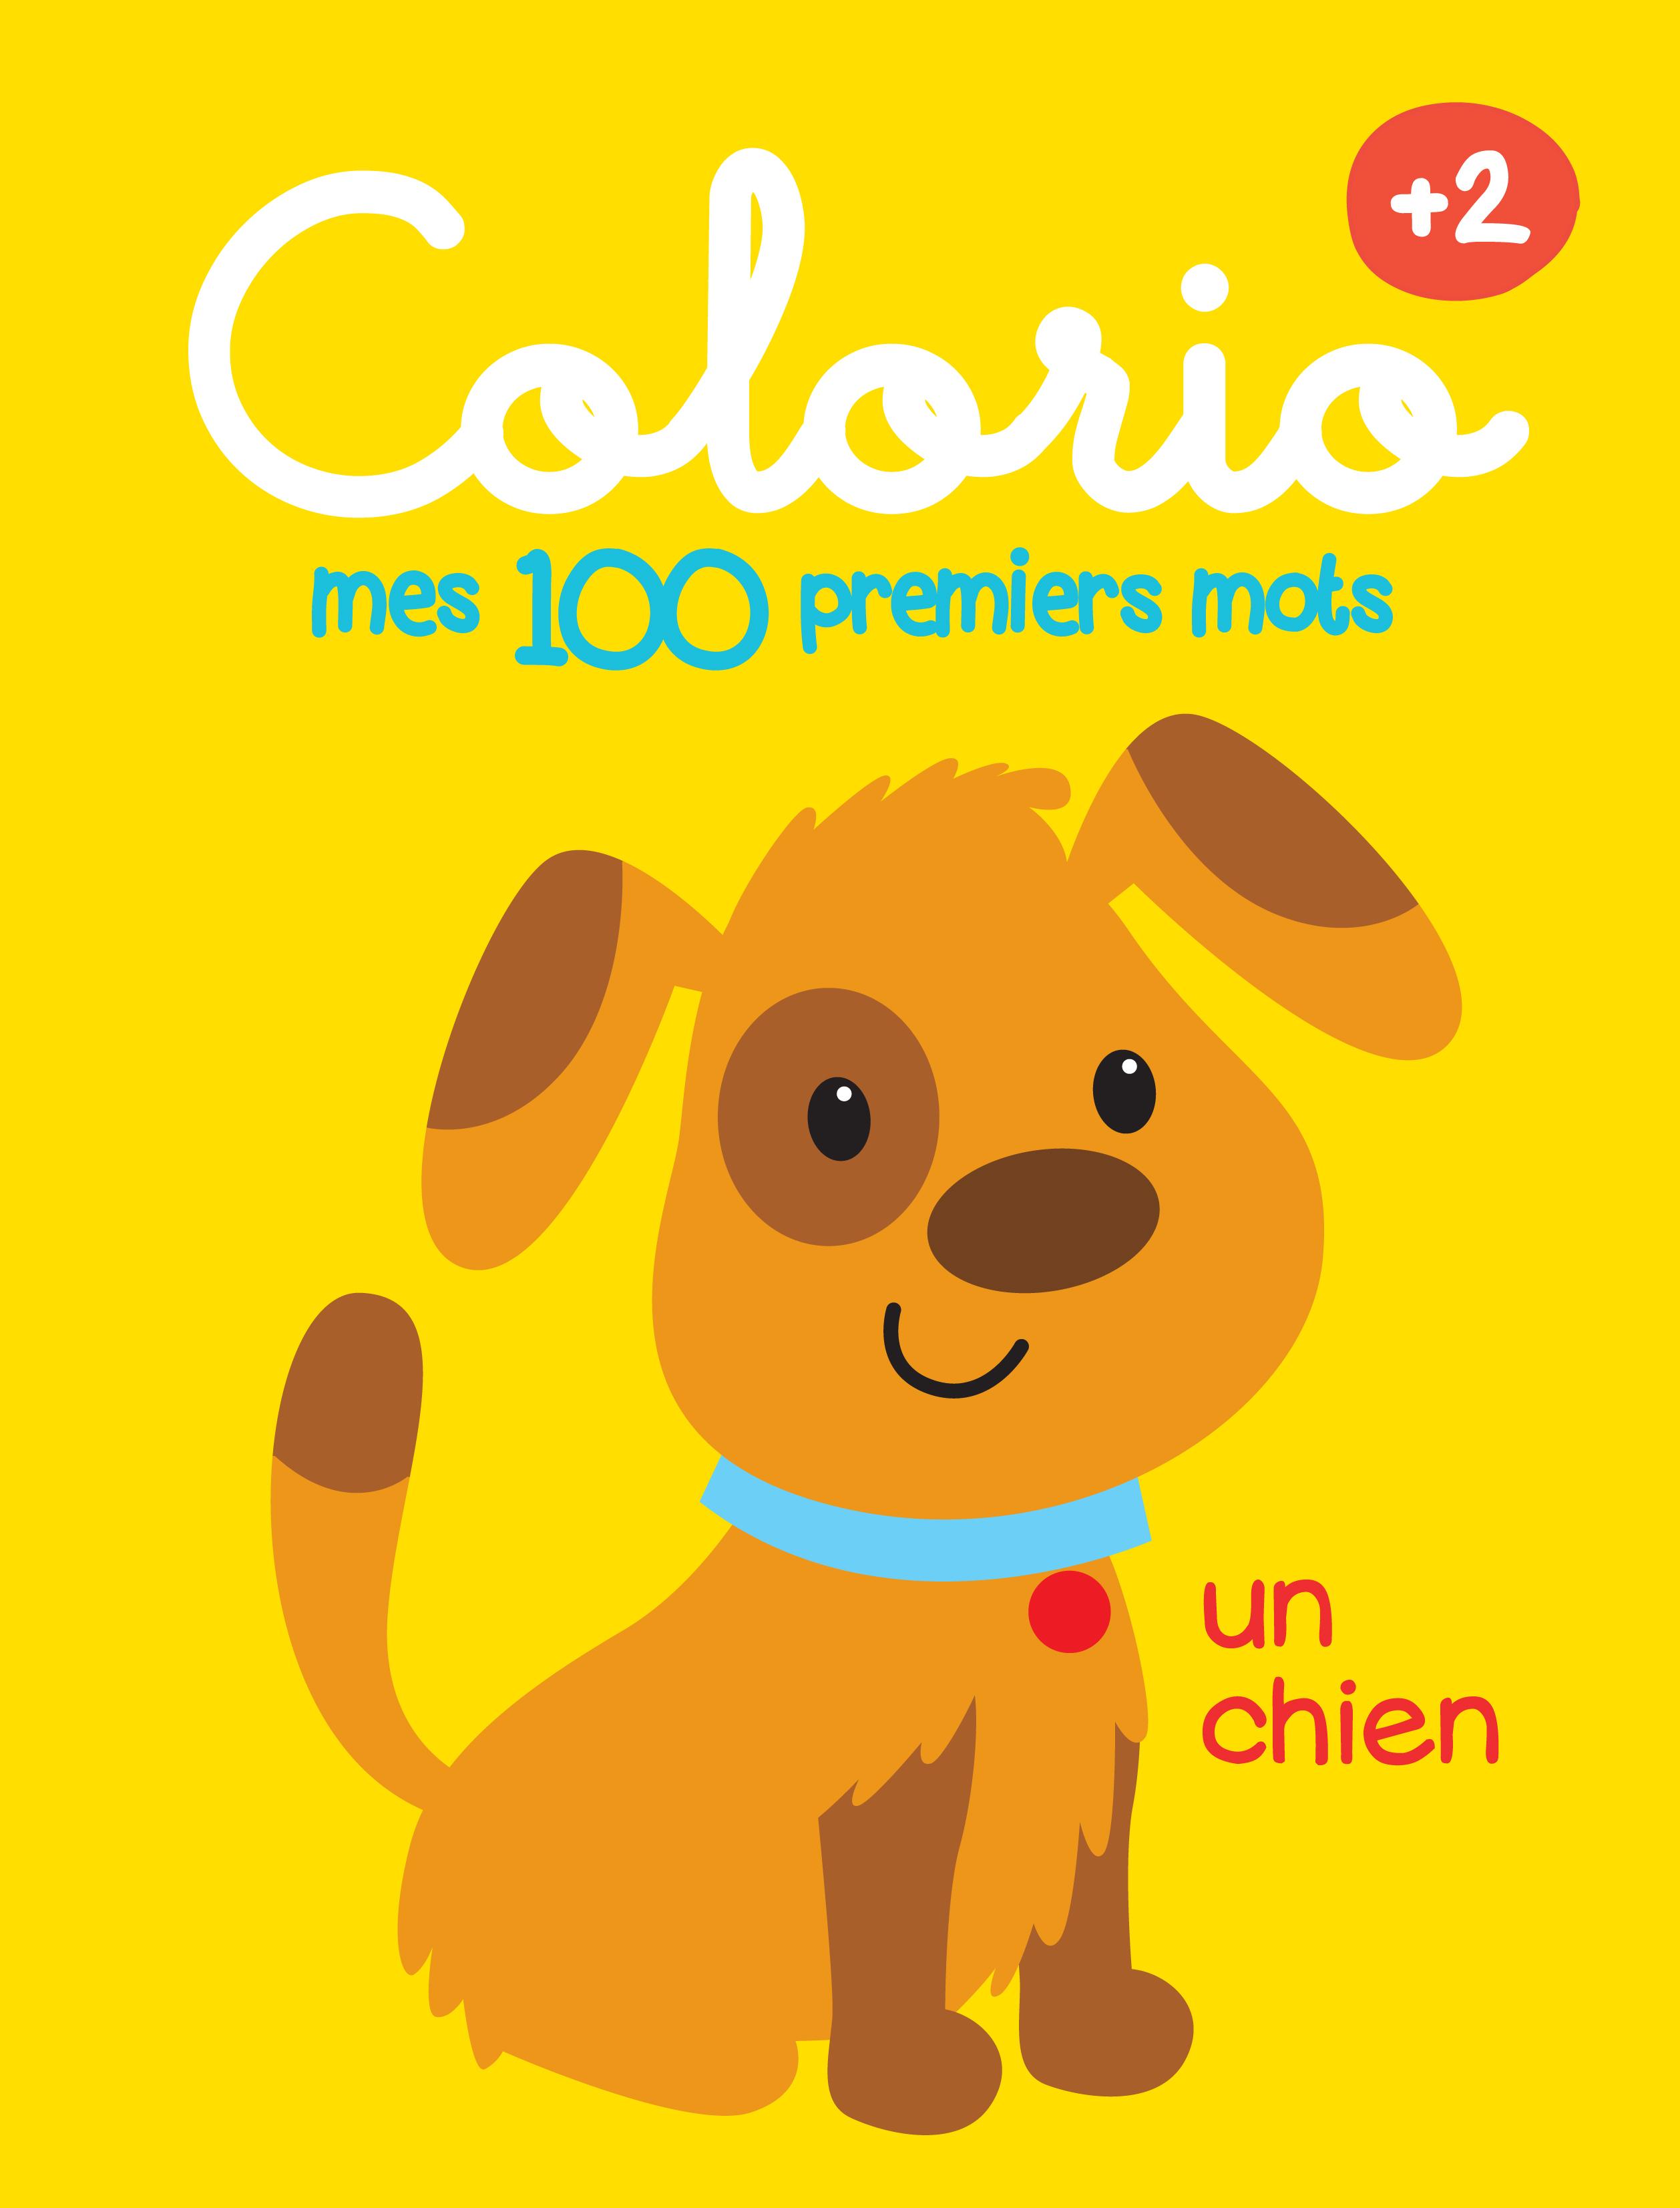 100 PREMIERS MOTS - CHIEN (MES)  2